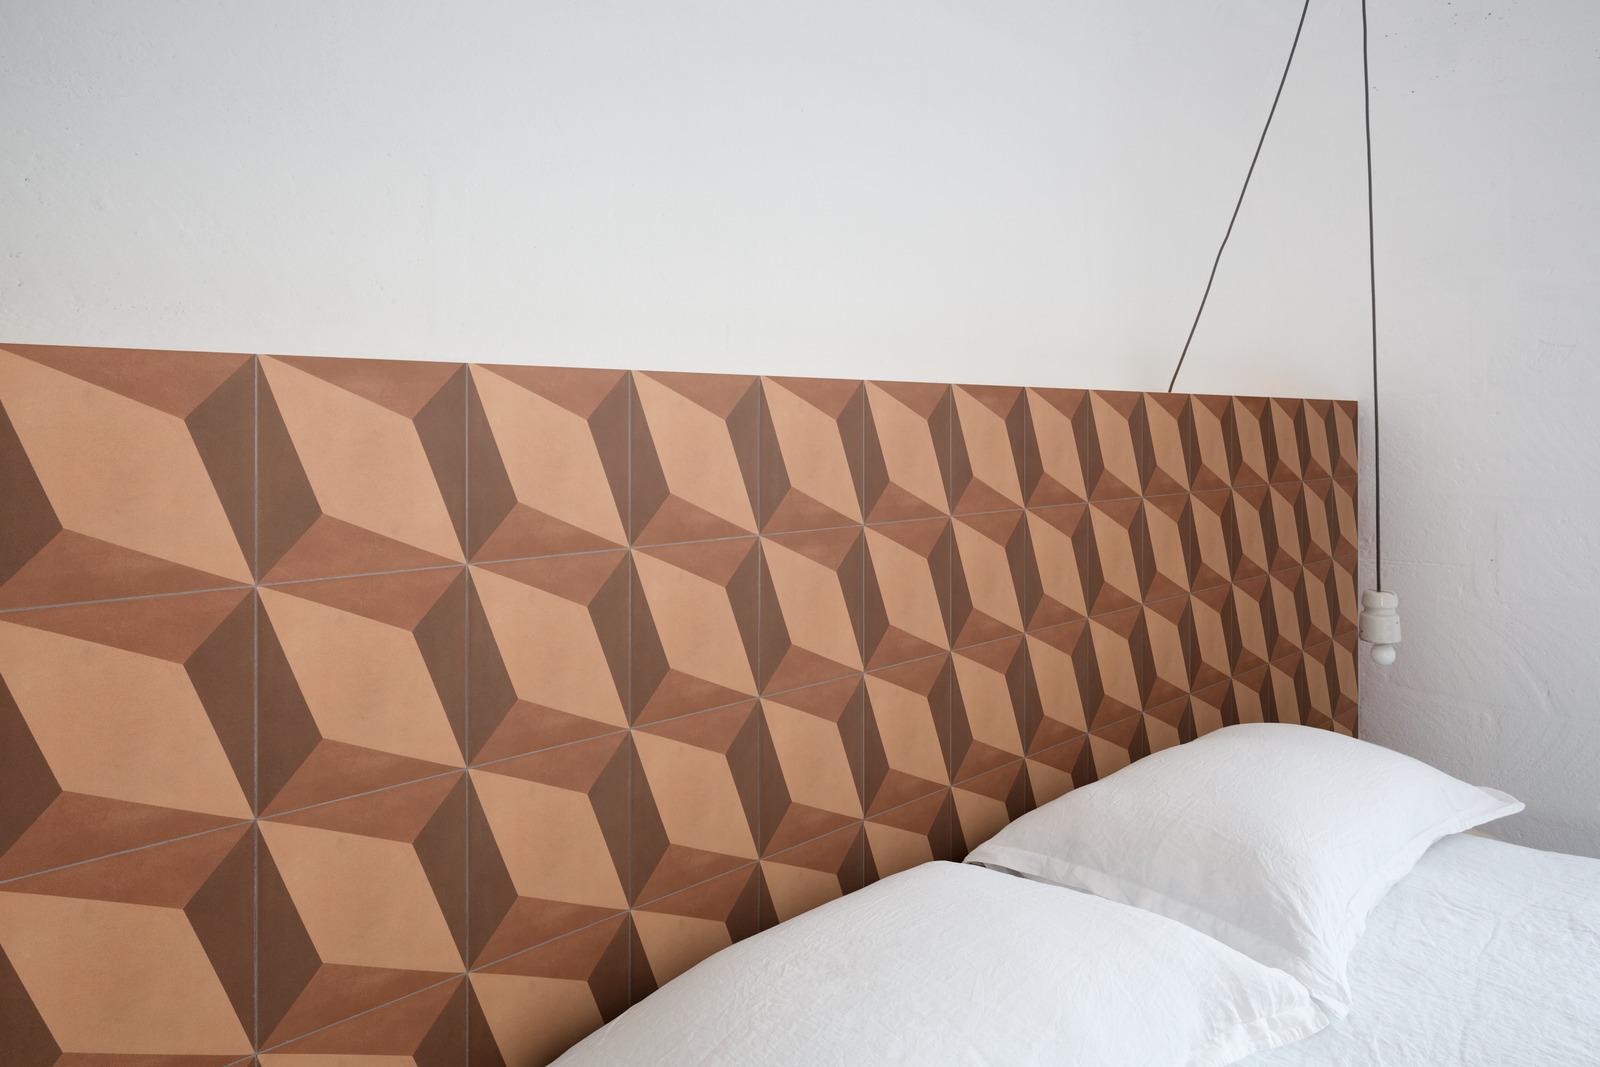 Inspiration carrelages effet carreaux de ciment couleur l Carrelages Delannoy